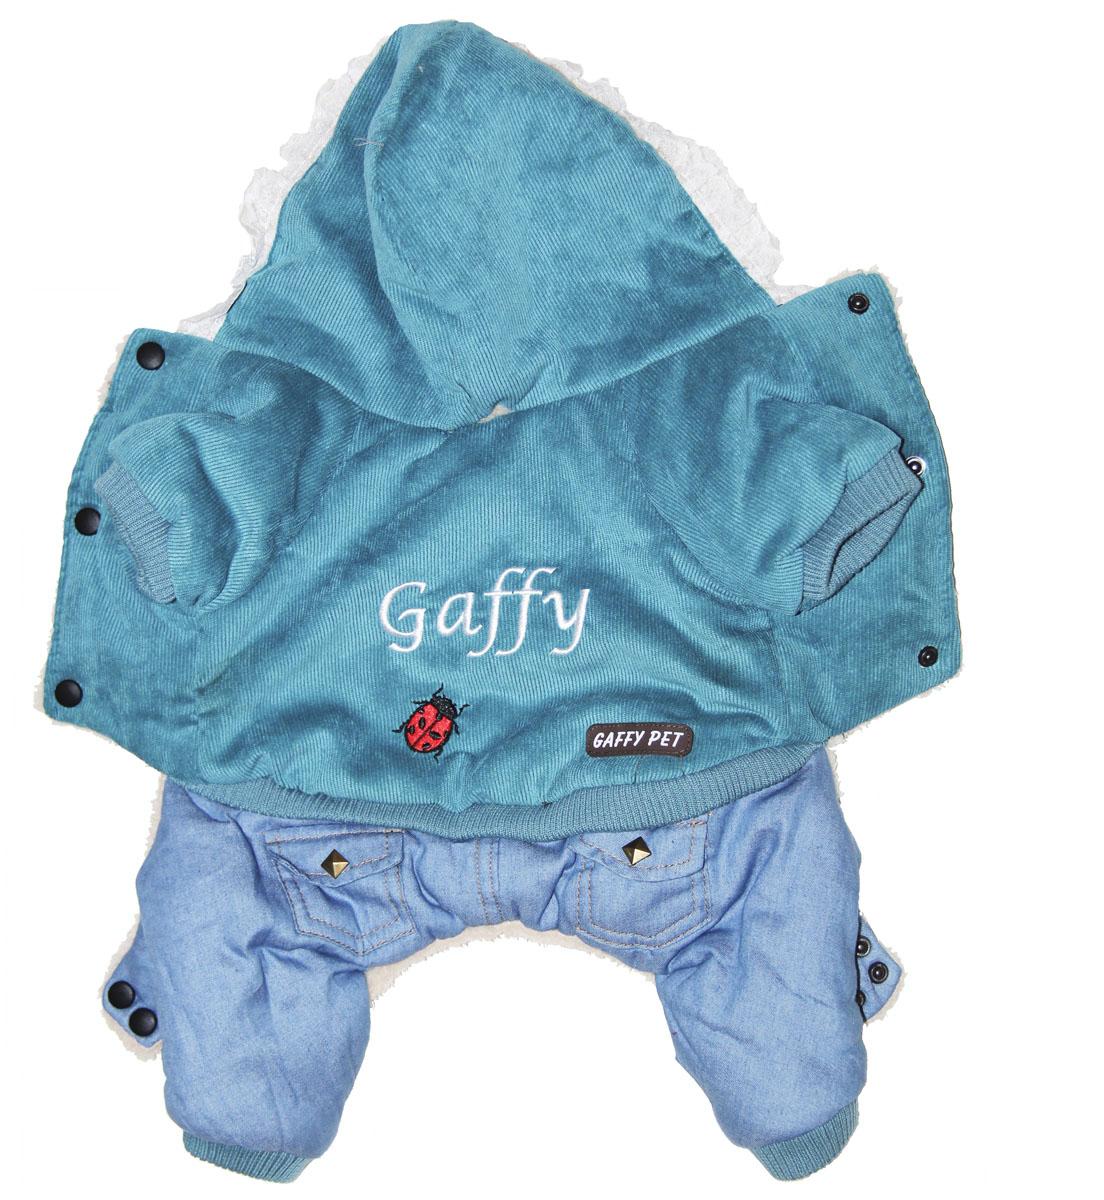 """Комбинезон для собак Gaffy Pet """"Ladybird"""", зимний, для мальчика, цвет: голубой. Размер XS"""